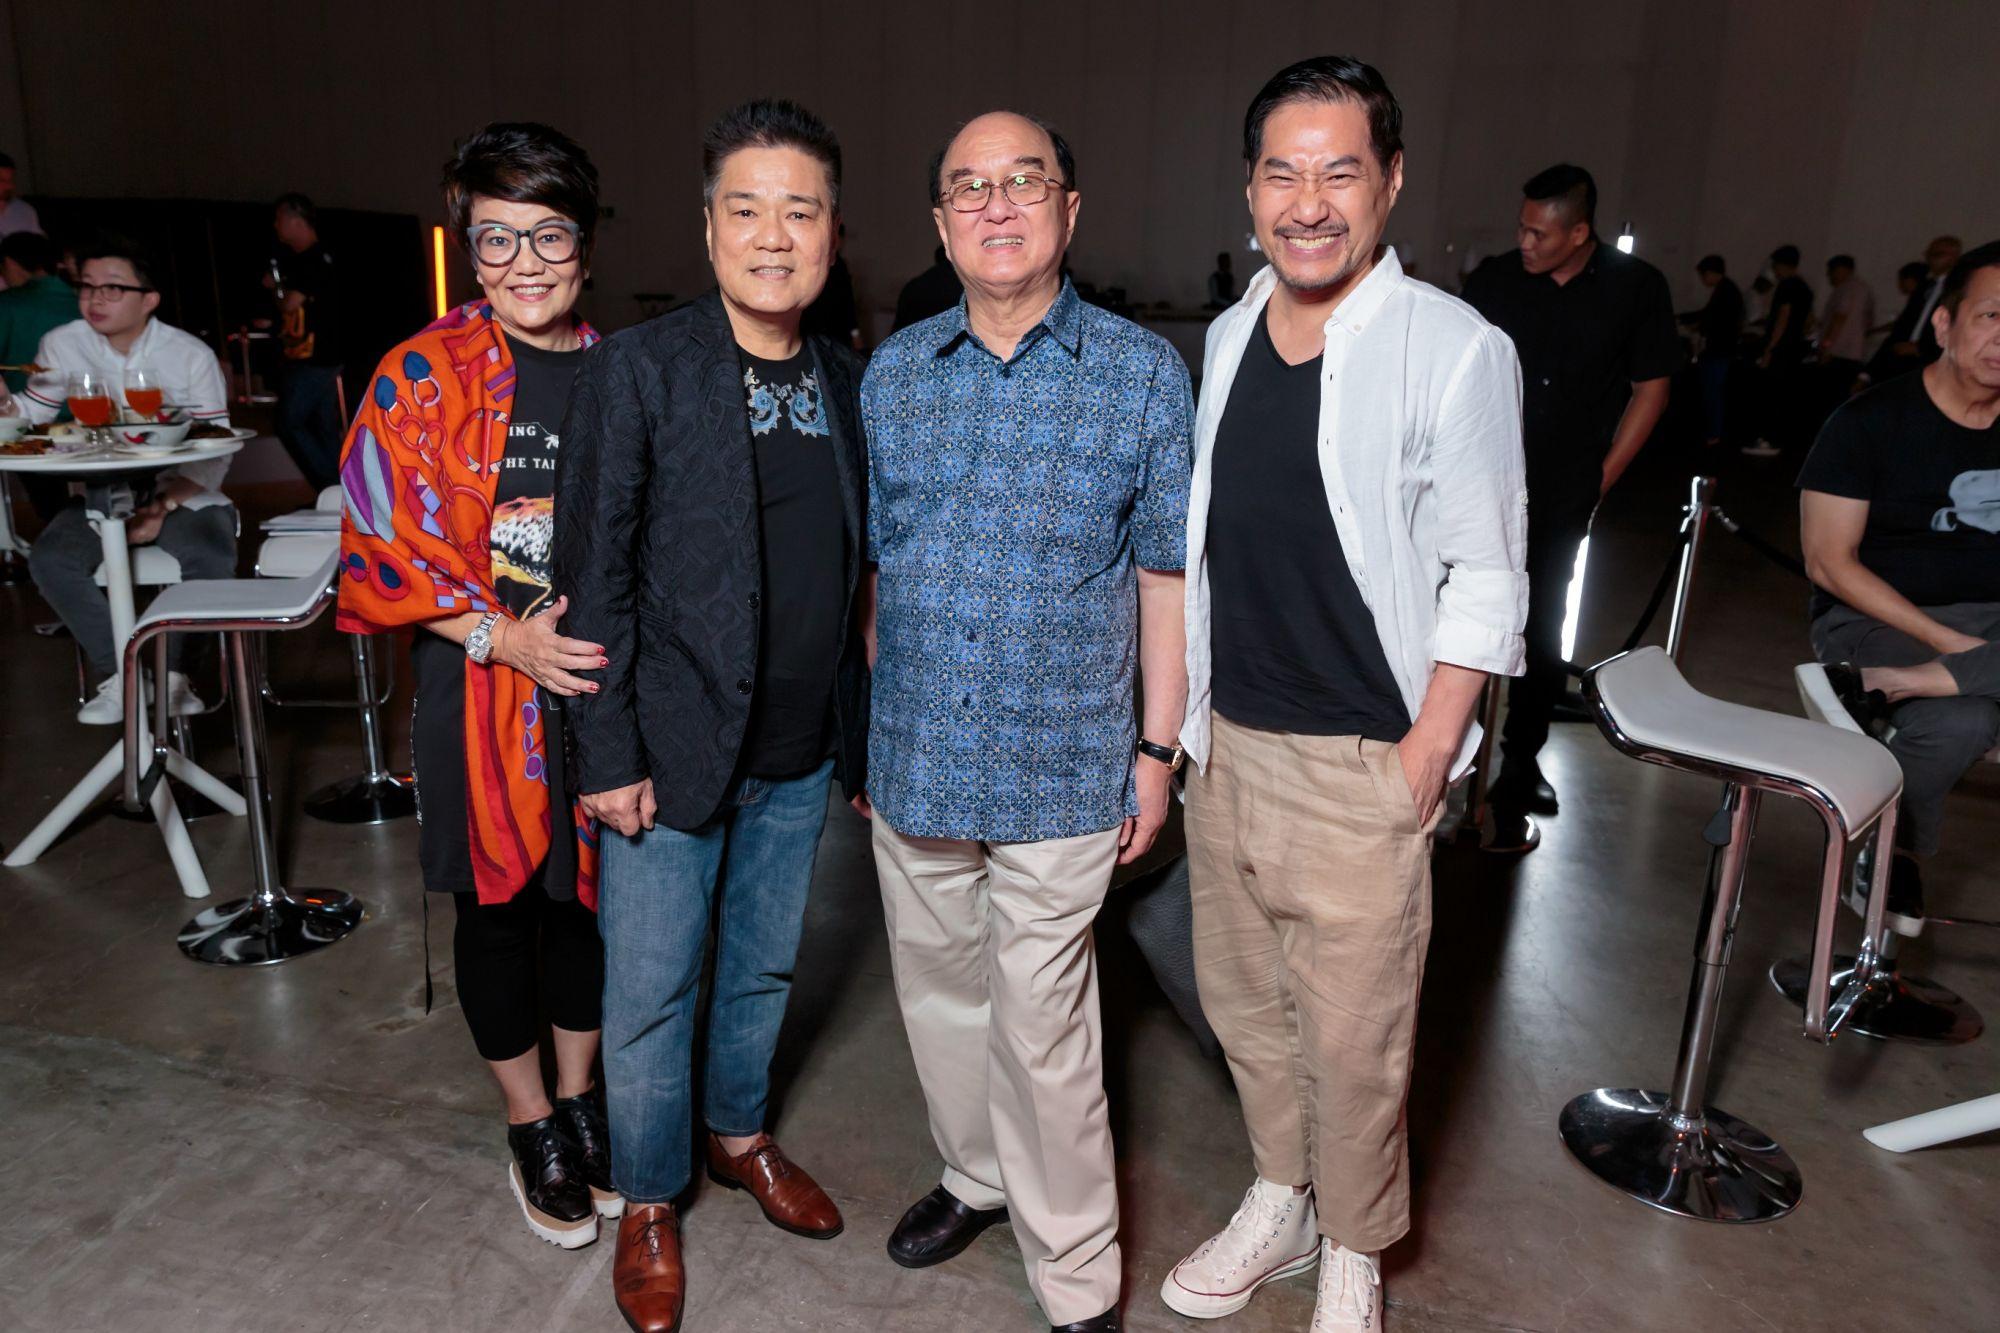 May Ow Yong, Ken Loy, Karsono Kwee, Wen Zhang